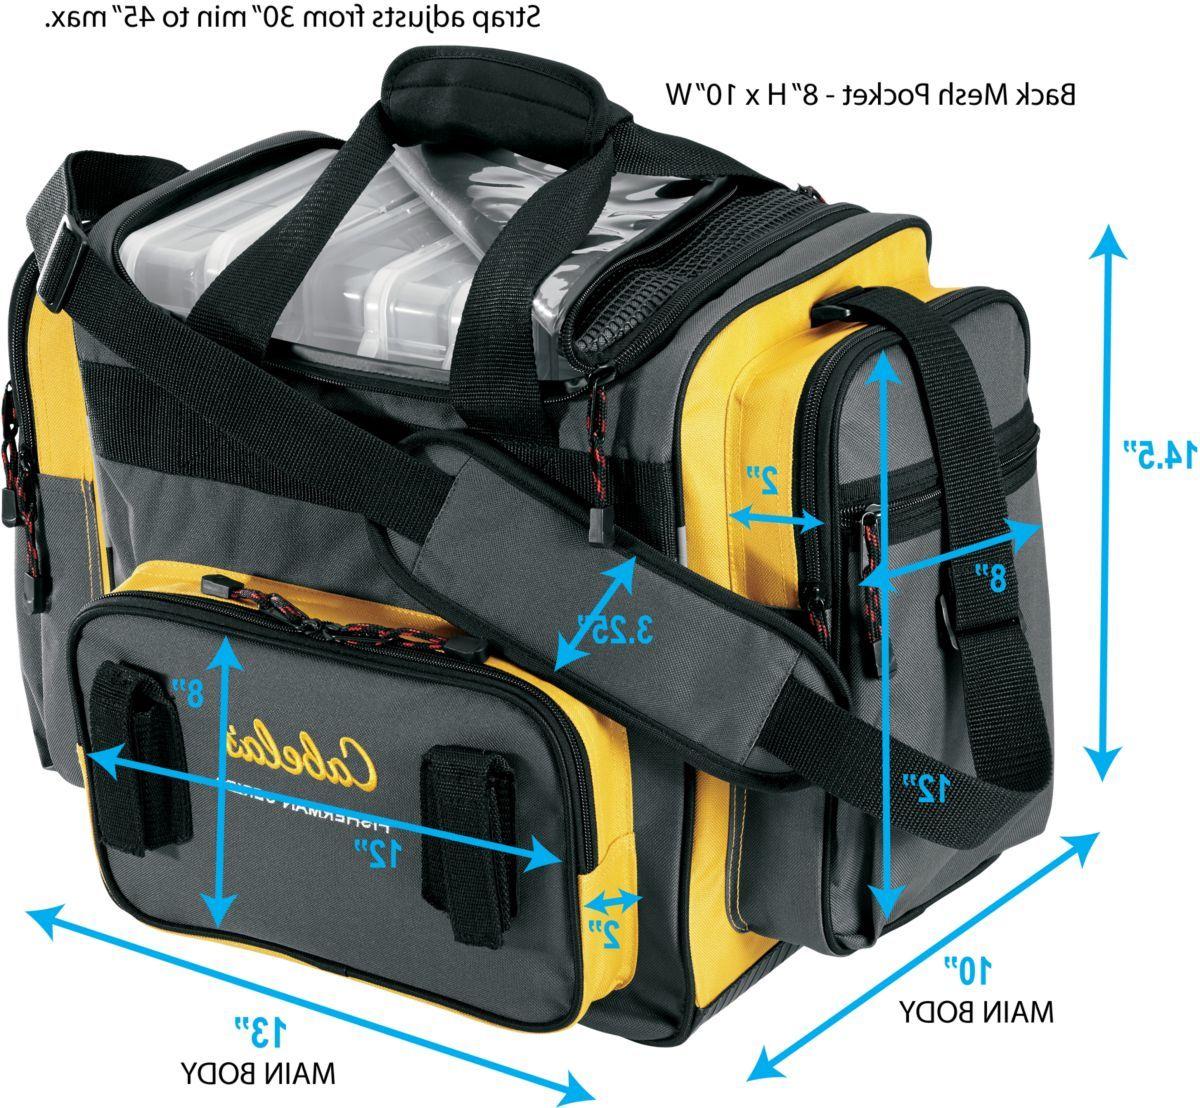 Cabela's Fisherman Series™ Tackle Bag